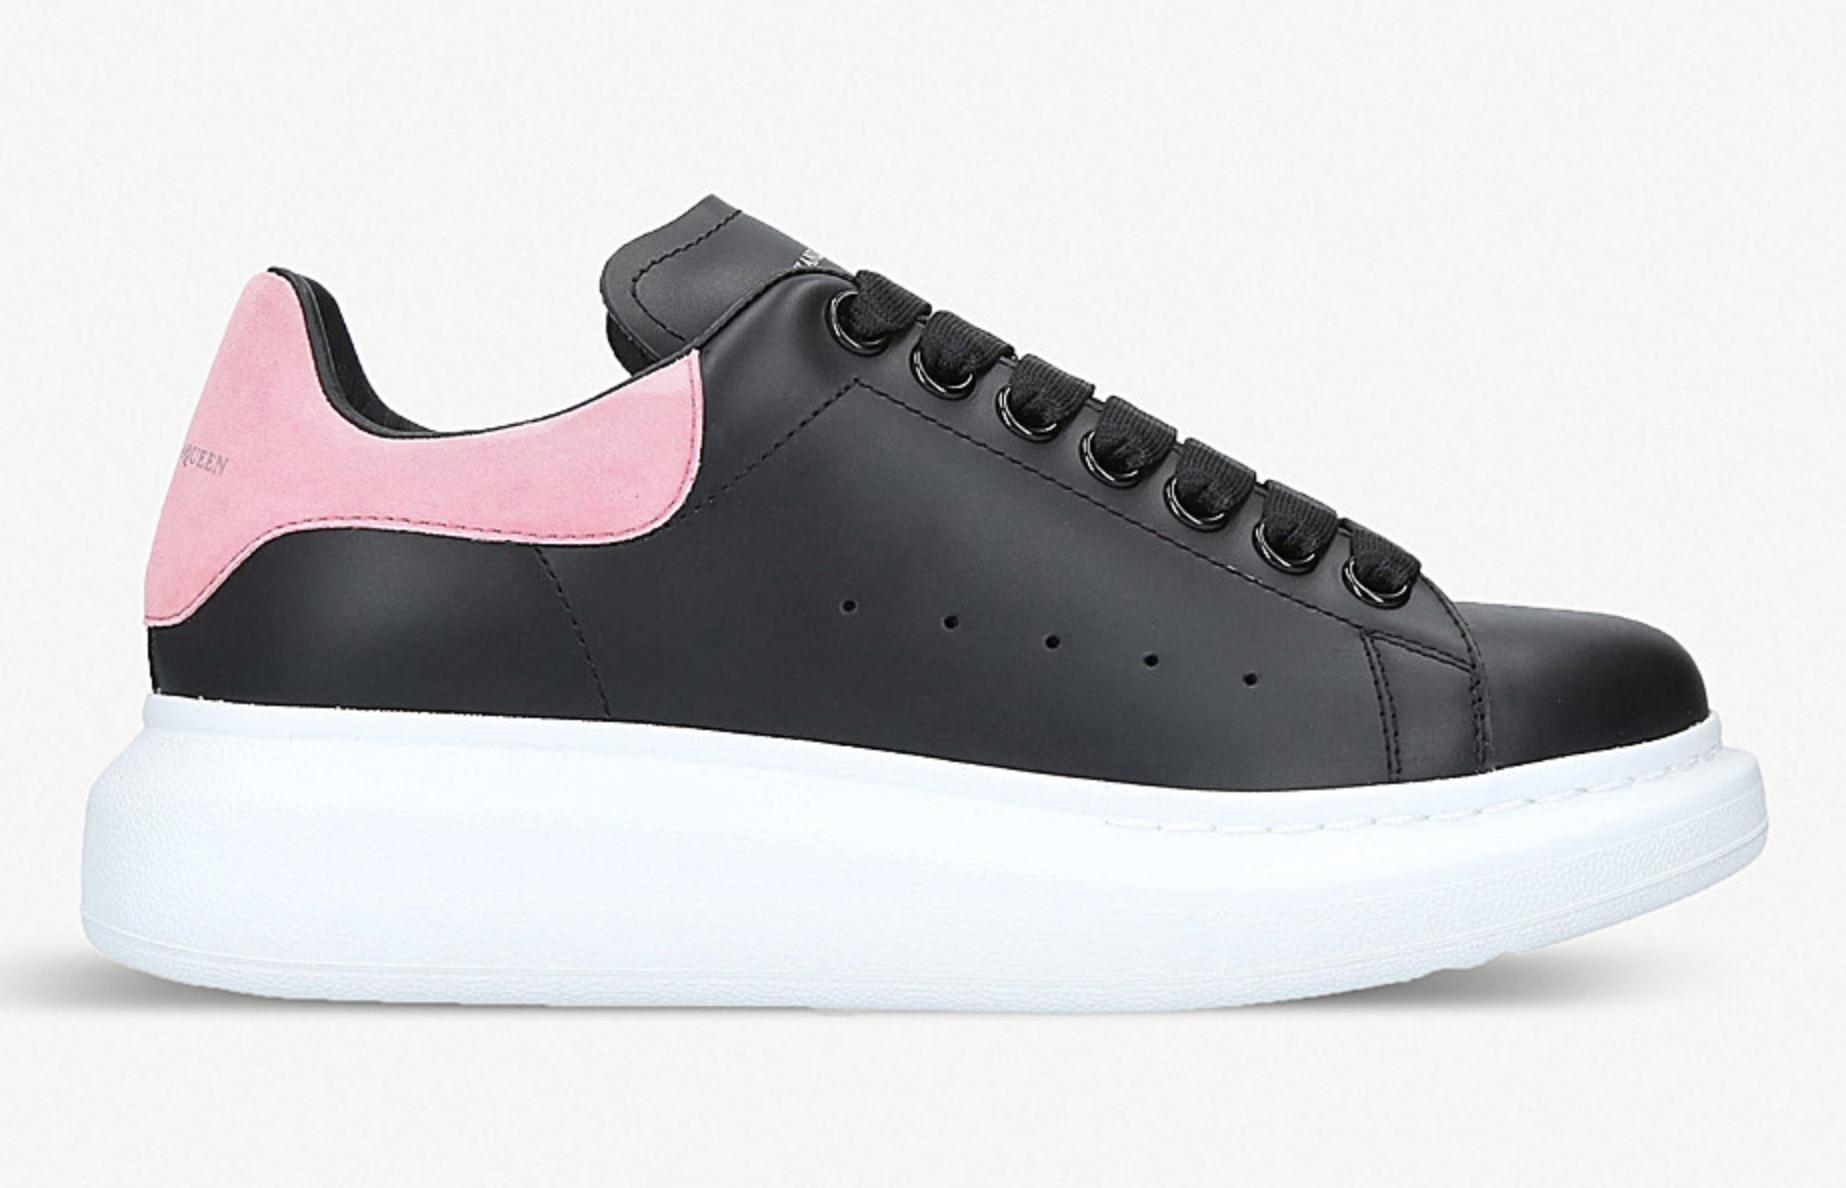 black and pink alexander mcqueen's